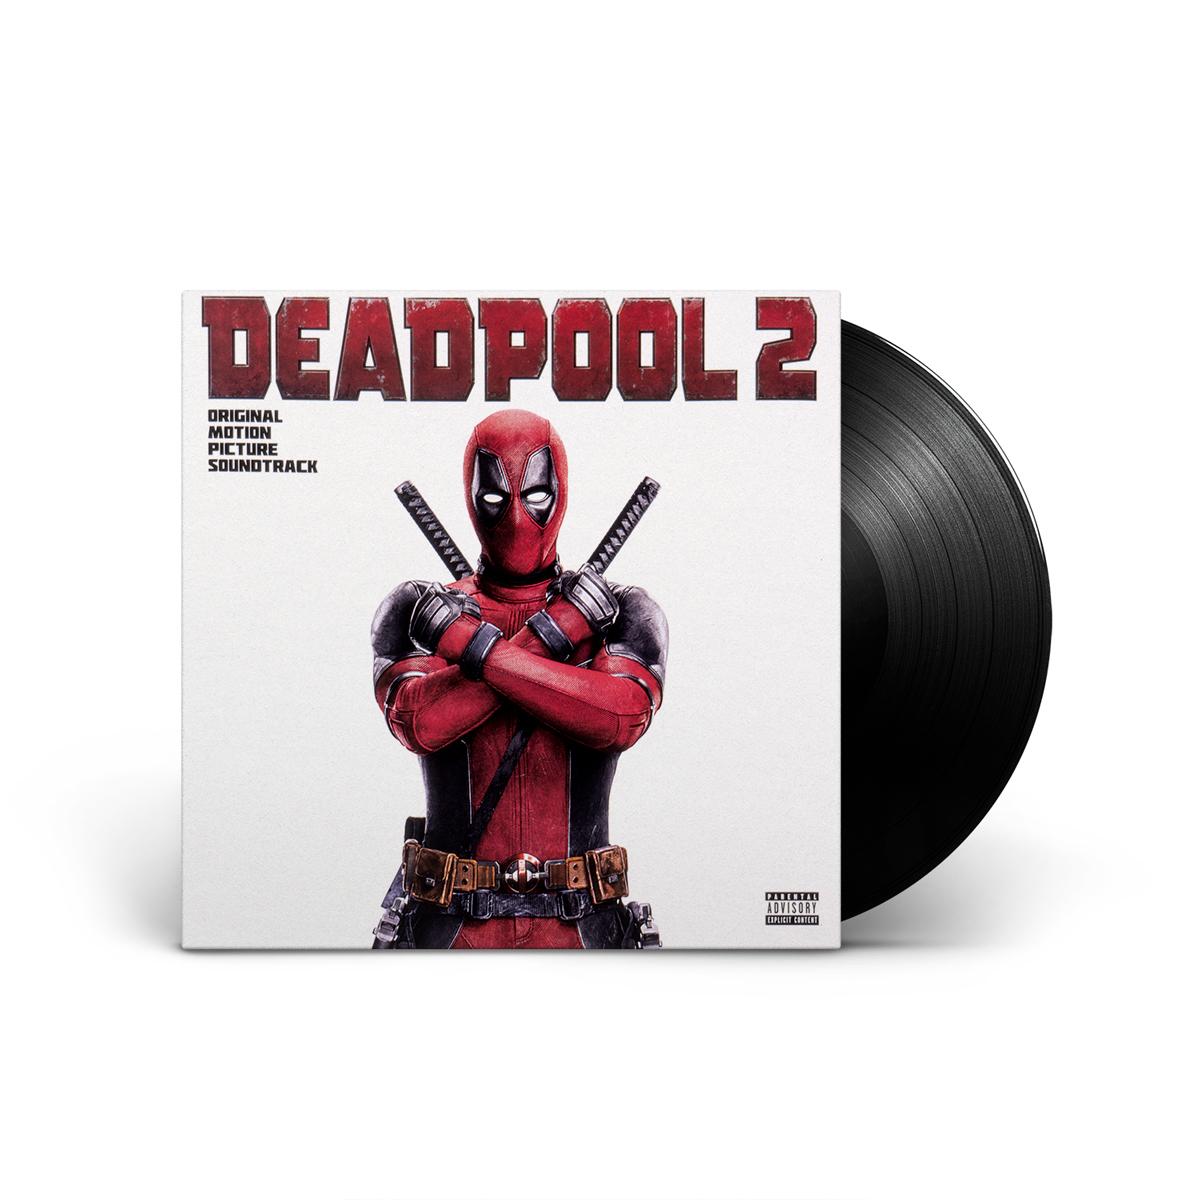 Deadpool 2 (Original Motion Picture Soundtrack) LP